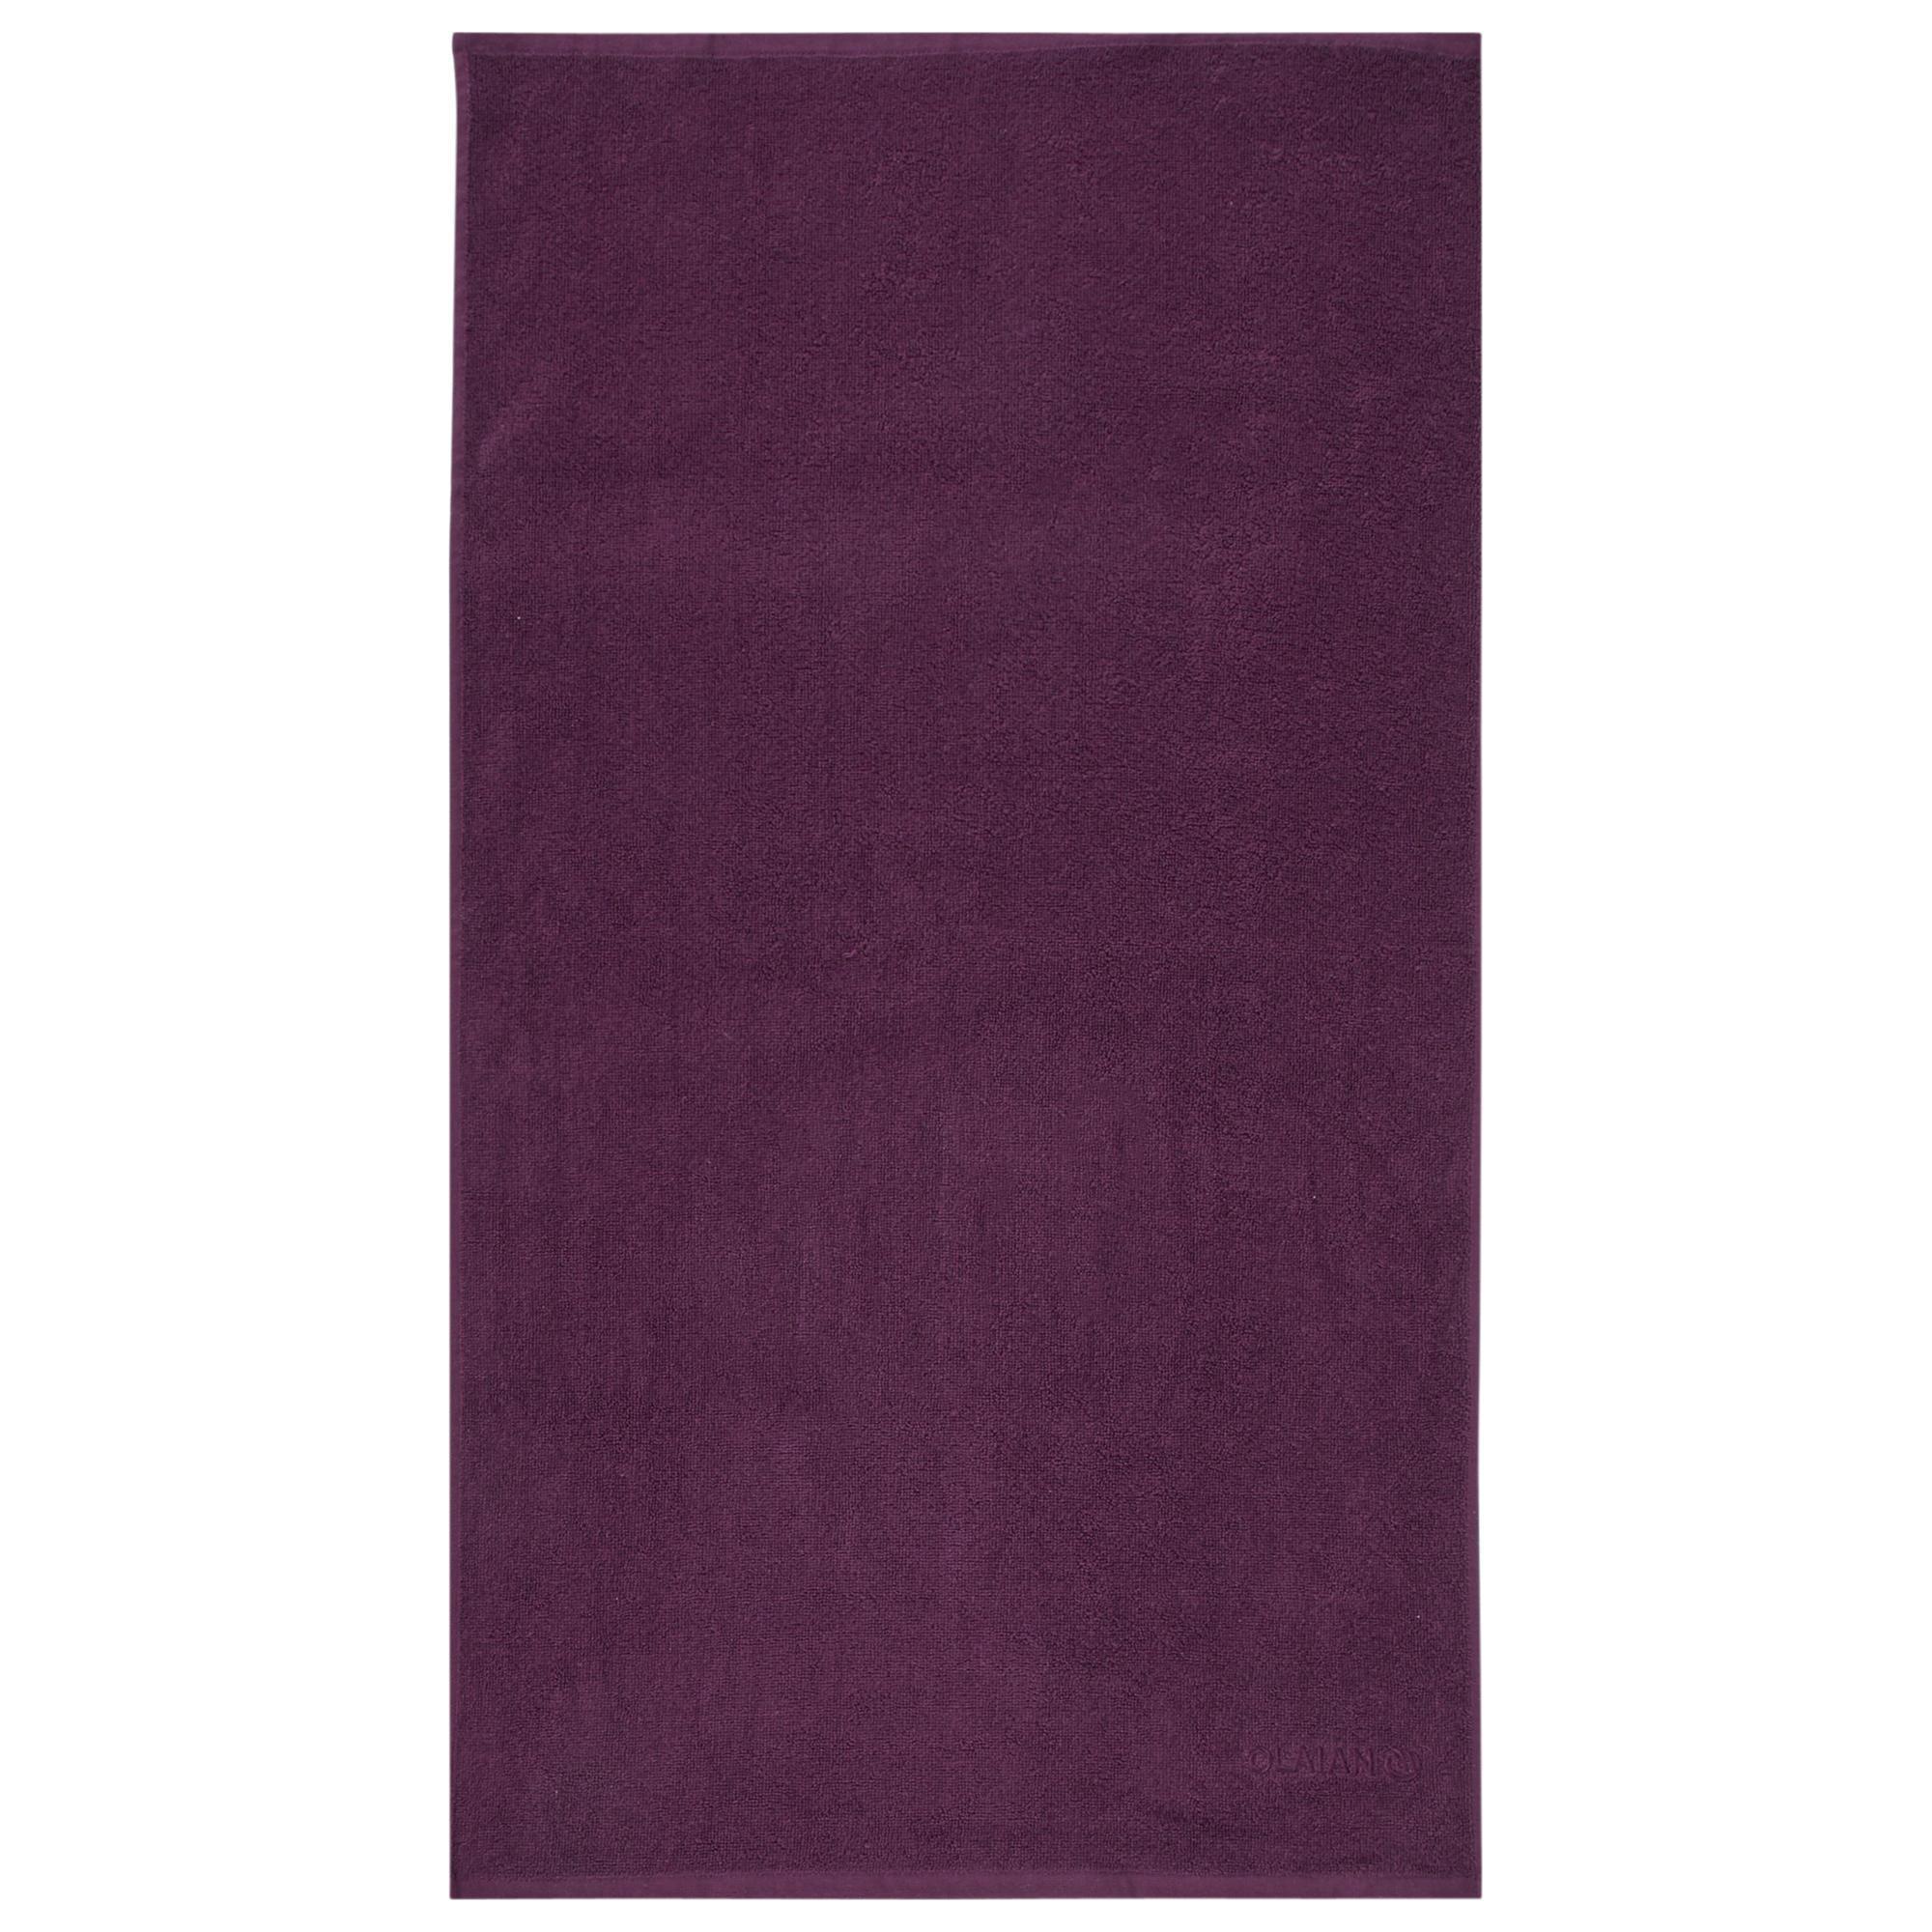 Strandhandtuch Basic S 90 נ50 cm purpurrot